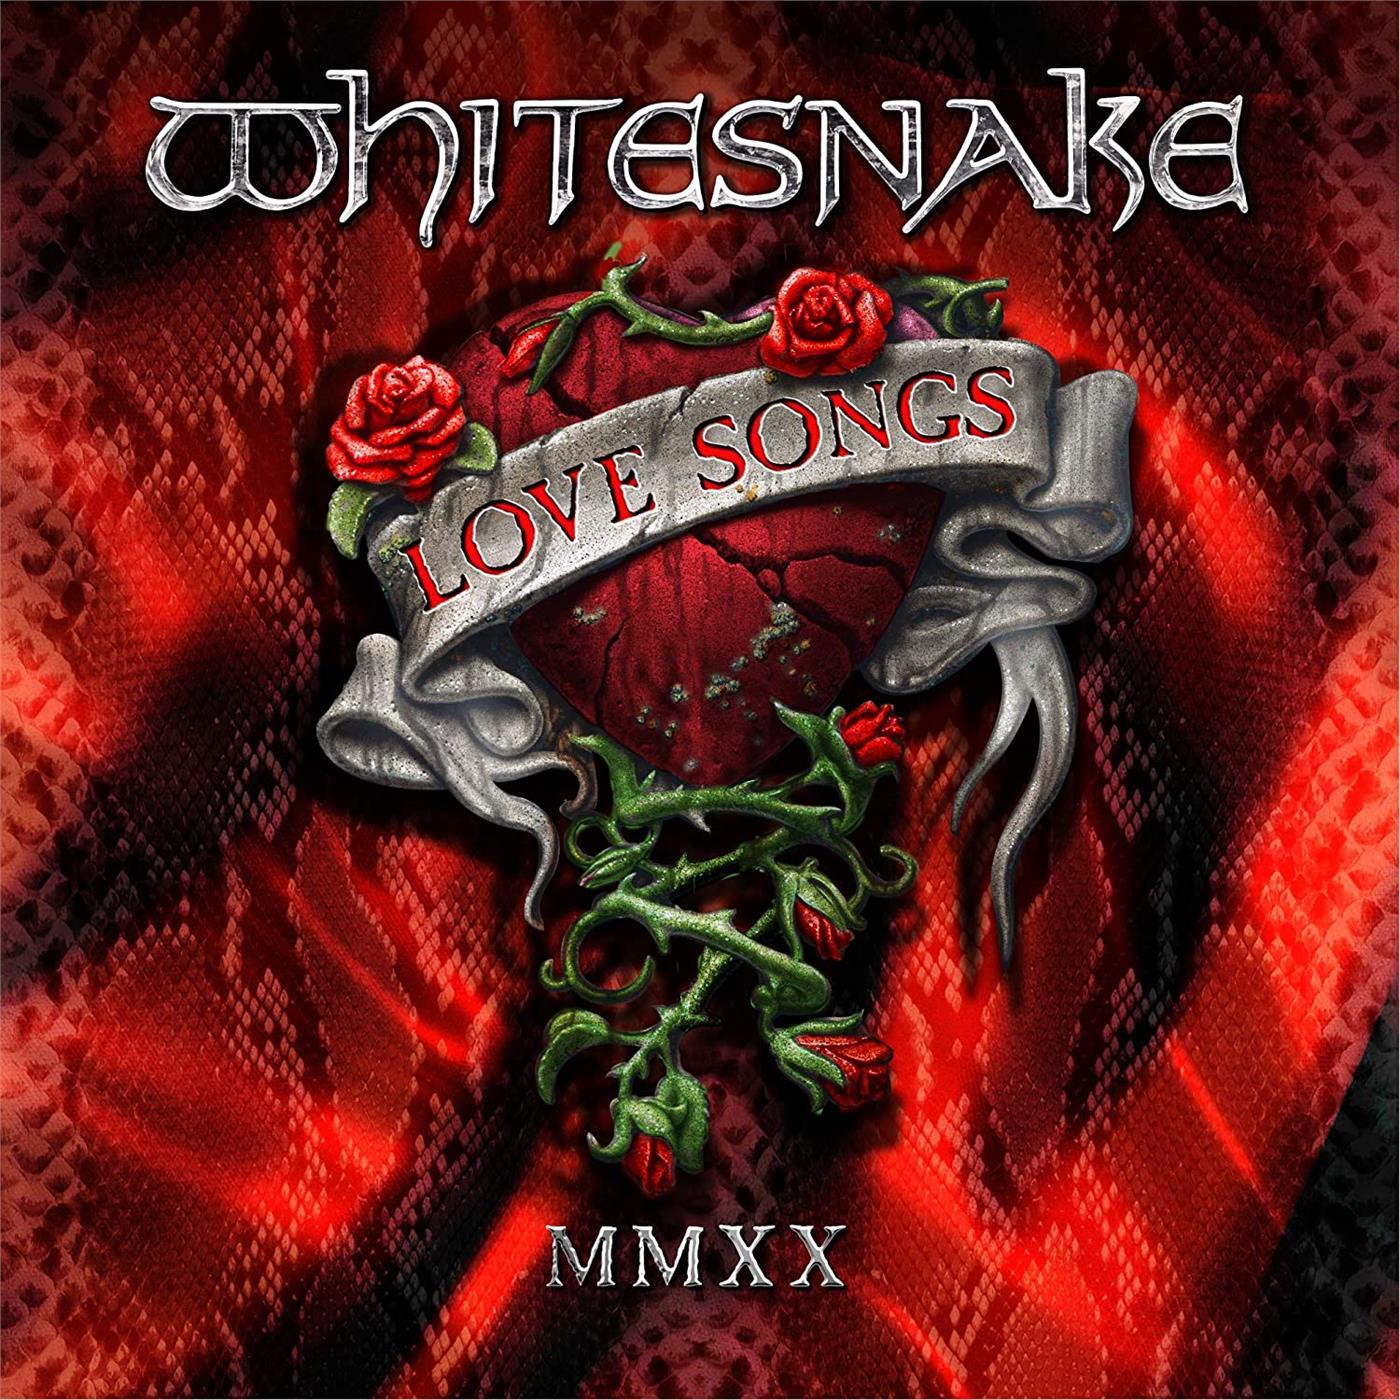 Whitesnake - Love Songs [LTD 2xLP] (Red vinyl)